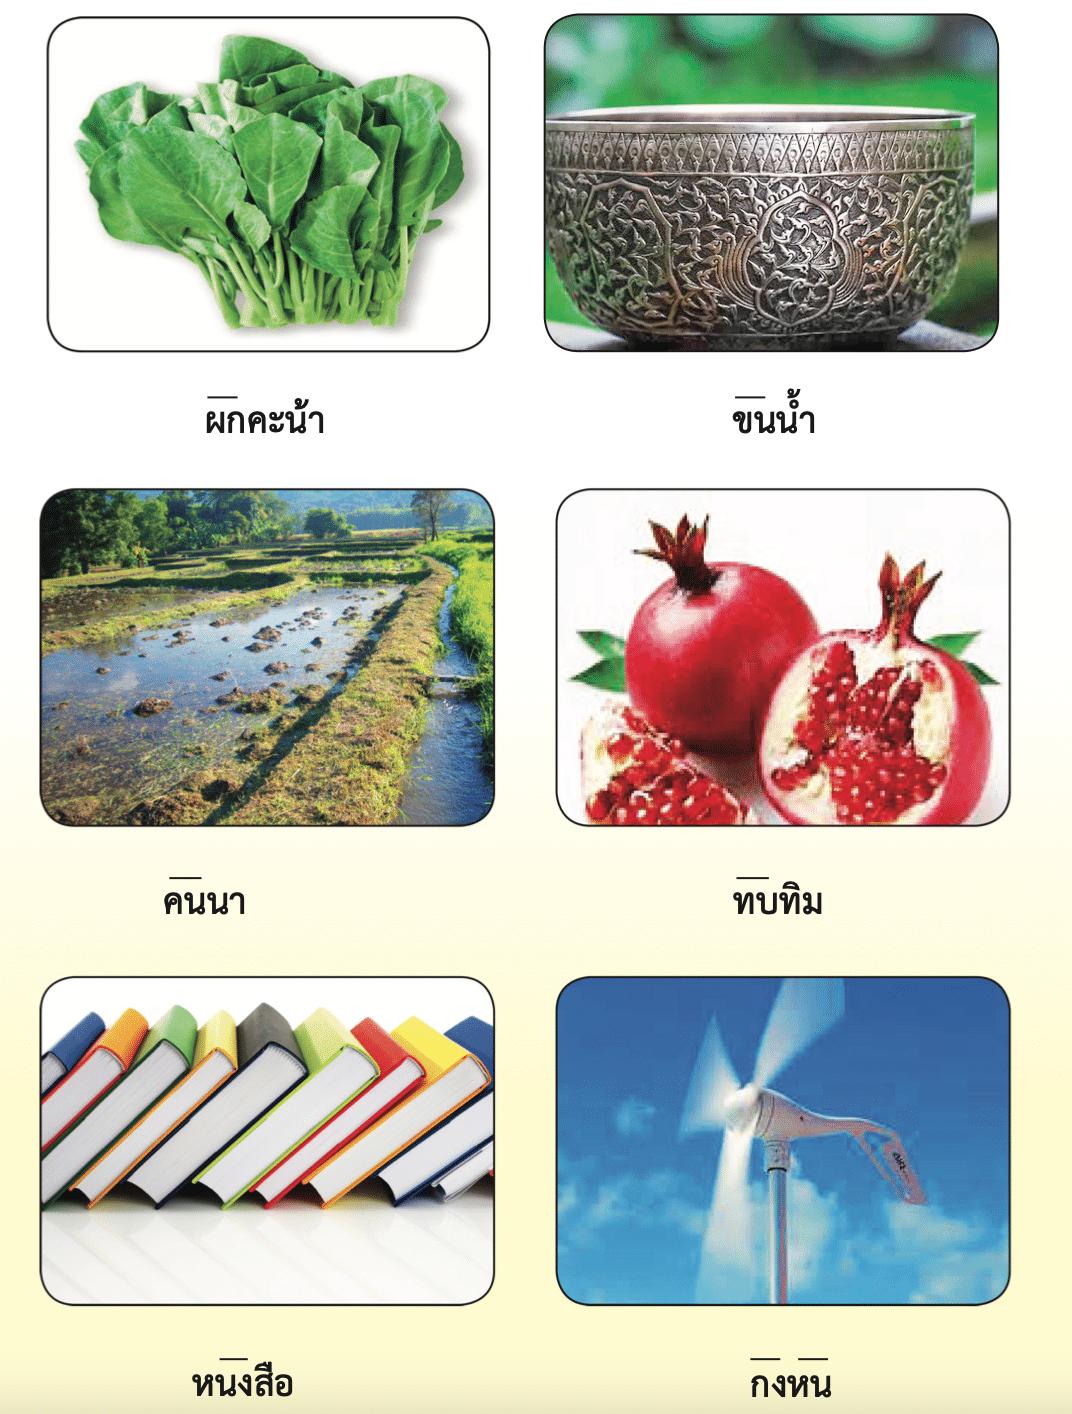 ดาวน์โหลดไฟล์ คู่มือการสอนอ่านคำ ที่มีปัญหาในการอ่านออกเสียง ชั้น ป.1-3